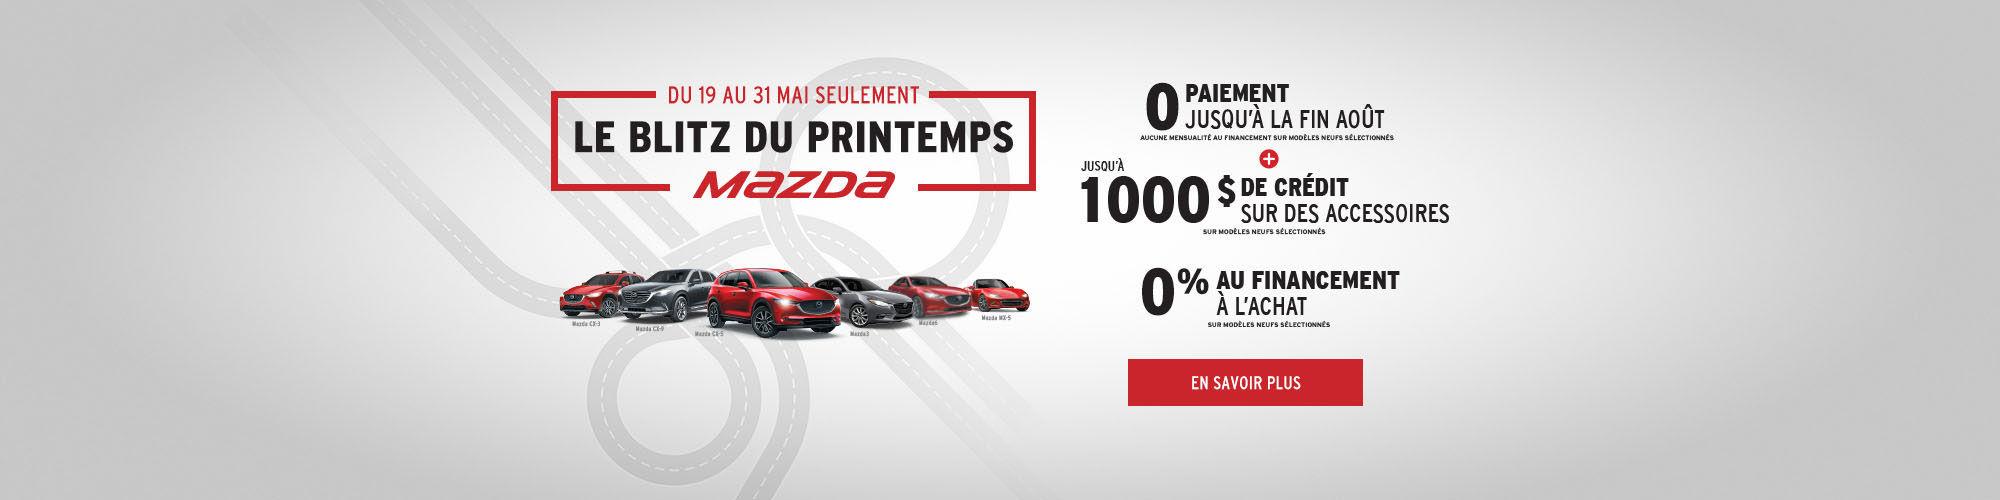 Événement Blitz du printemps Mazda